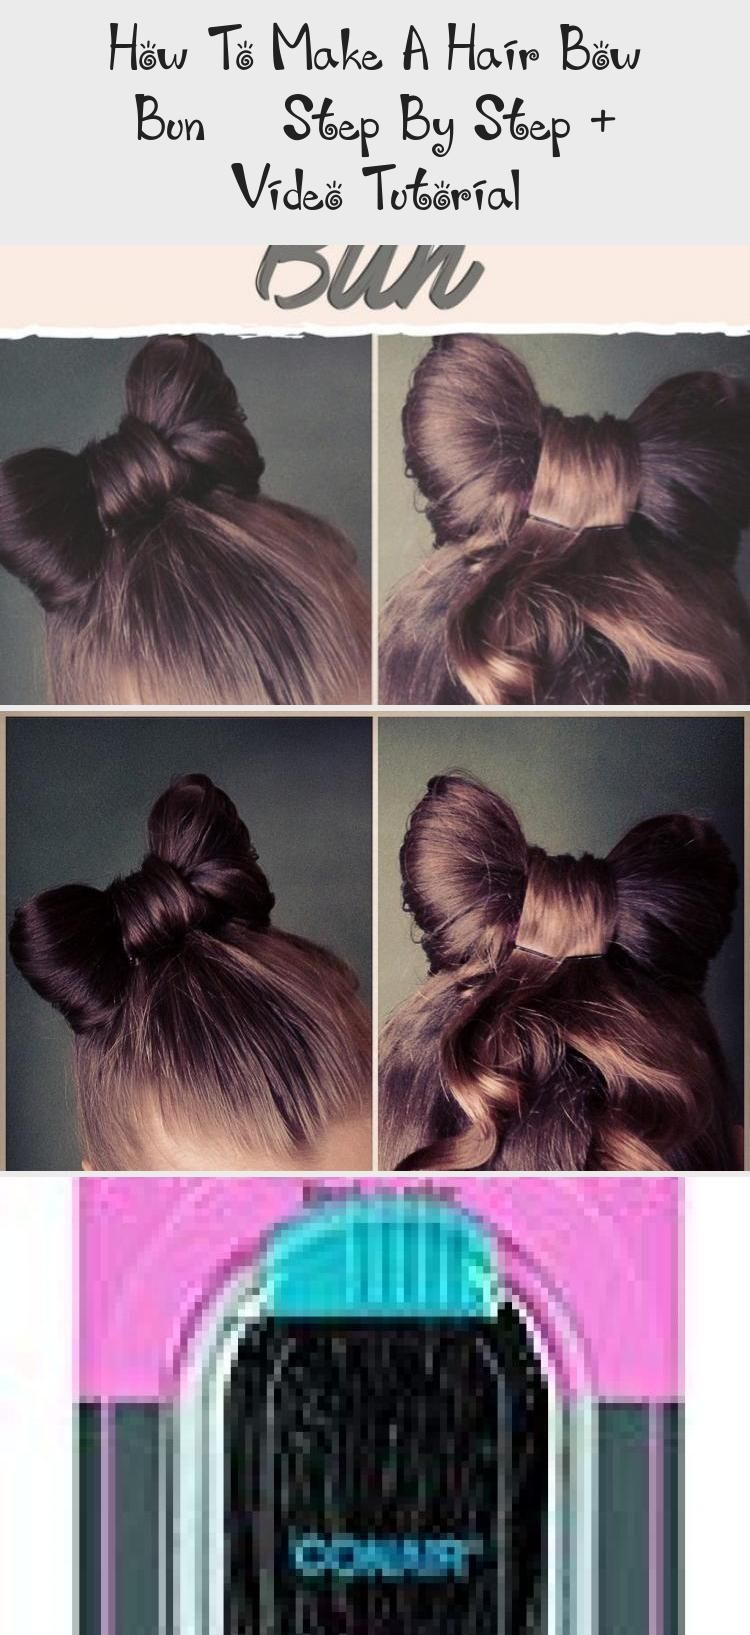 How To Make A Hair Bow Bun Step By Step Video Tutorial Hair Care In 2020 Hair Bow Bun Hair Videos Tutorials Bow Bun